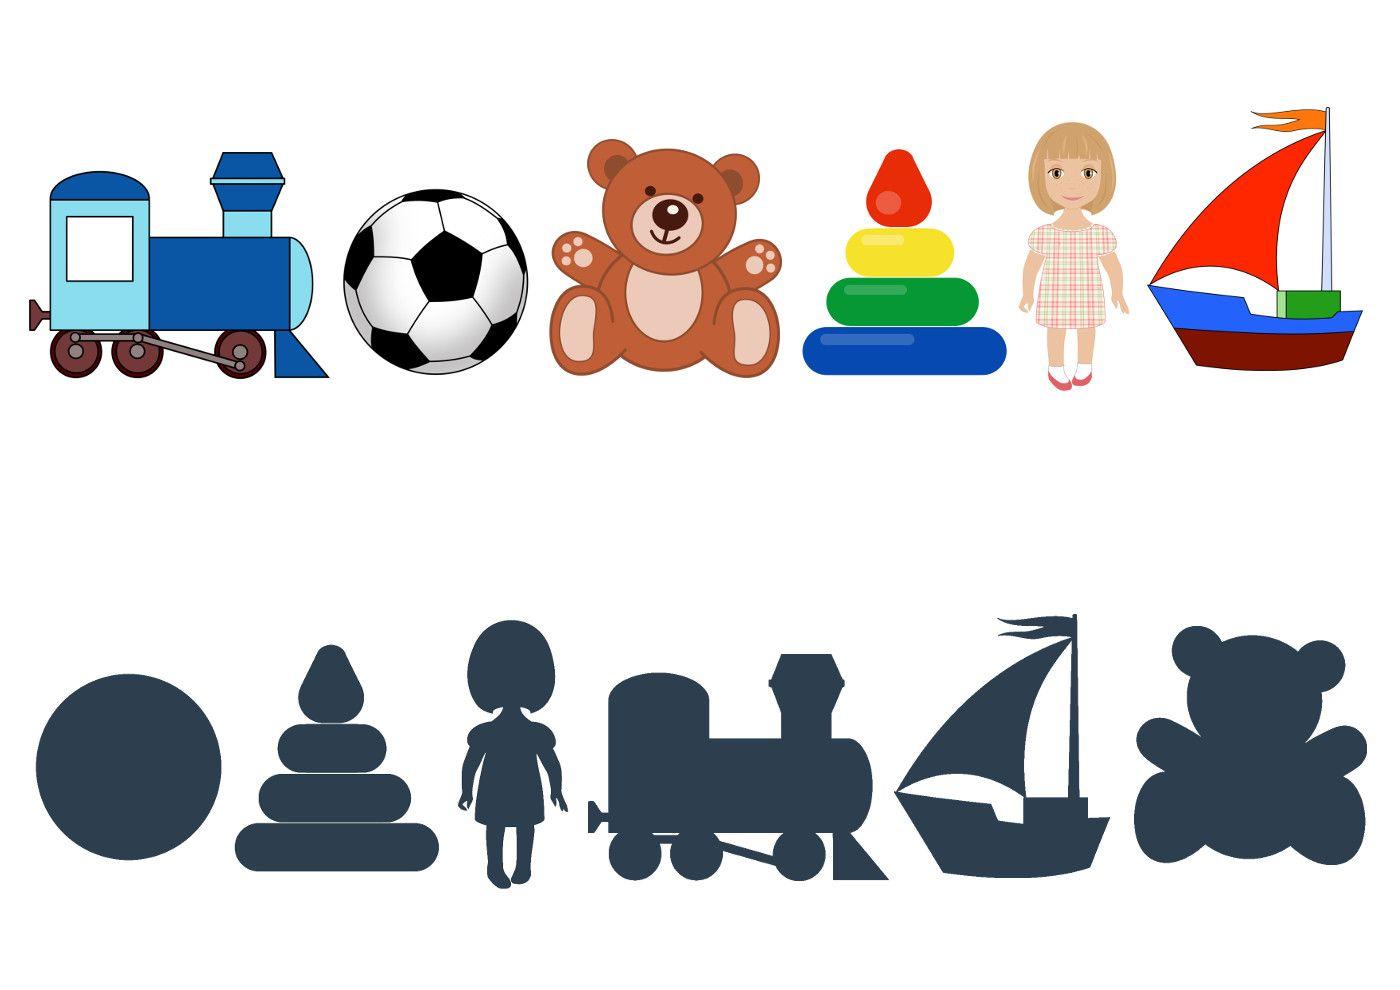 Конспект итогового занятия «Человек идет по жизни   Цветные игры, Развивающие упражнения, Дошкольные игры